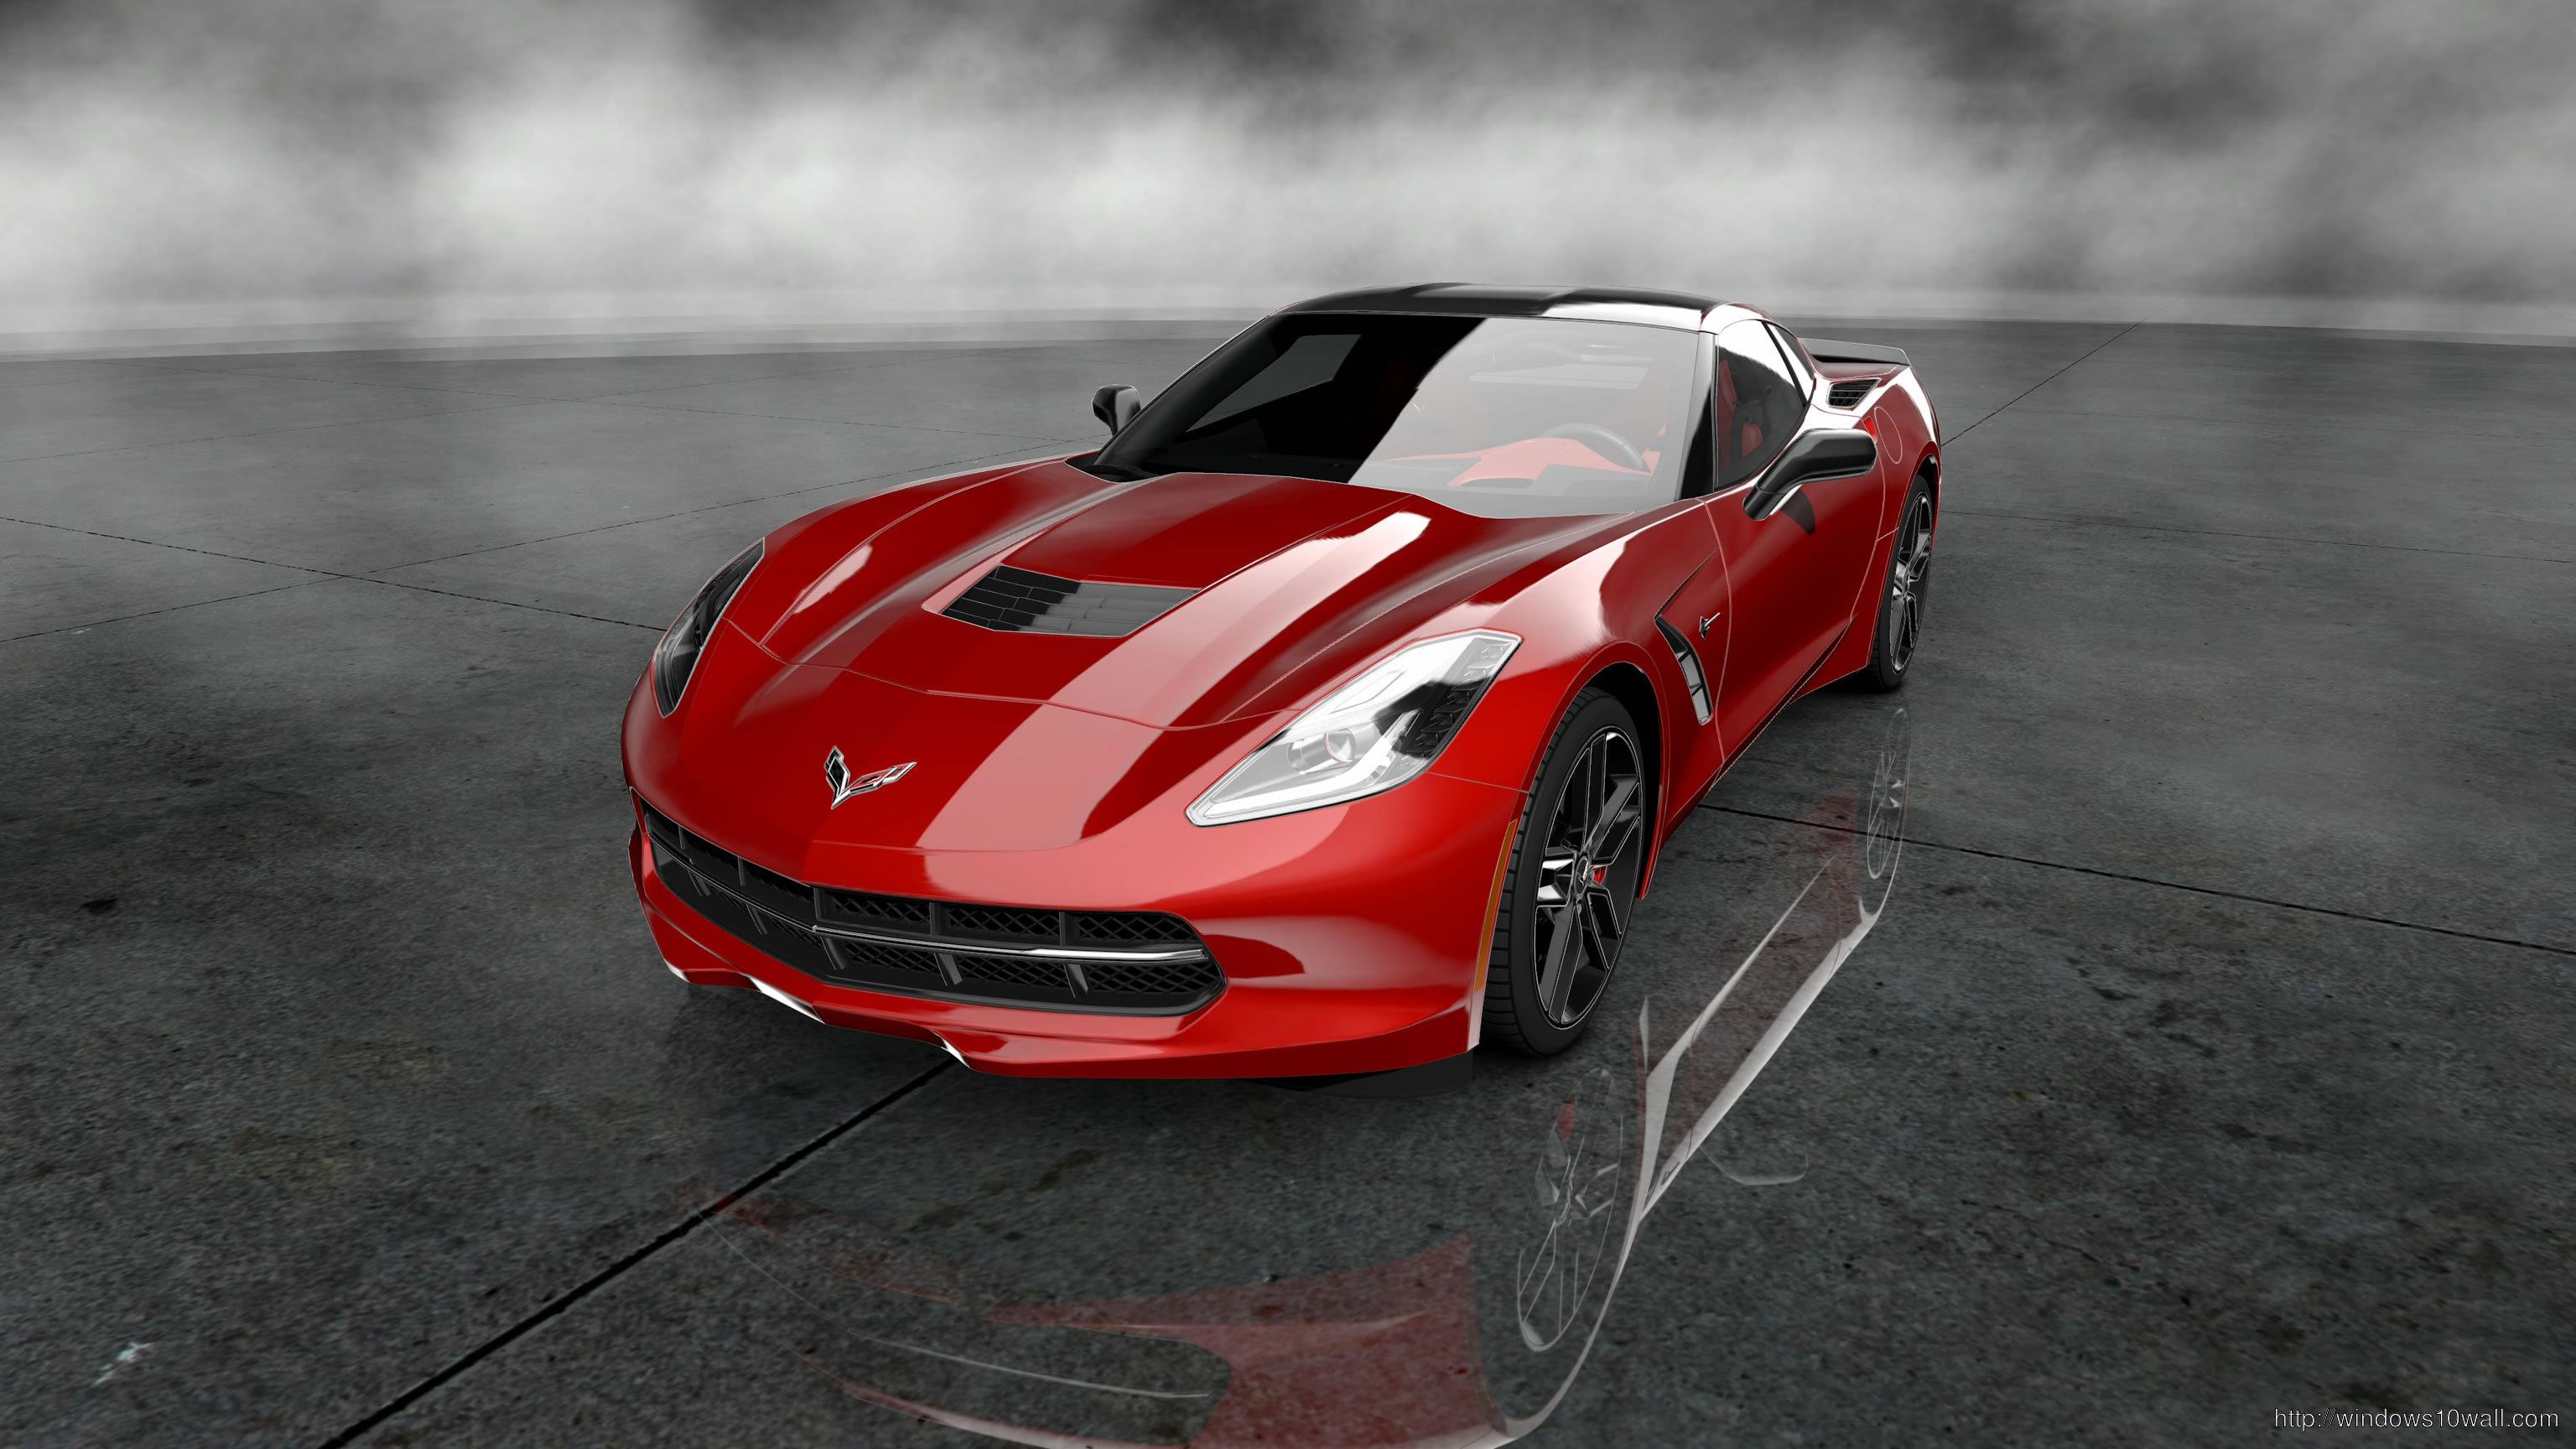 2014 Corvette Stingray Red Background Wallpaper